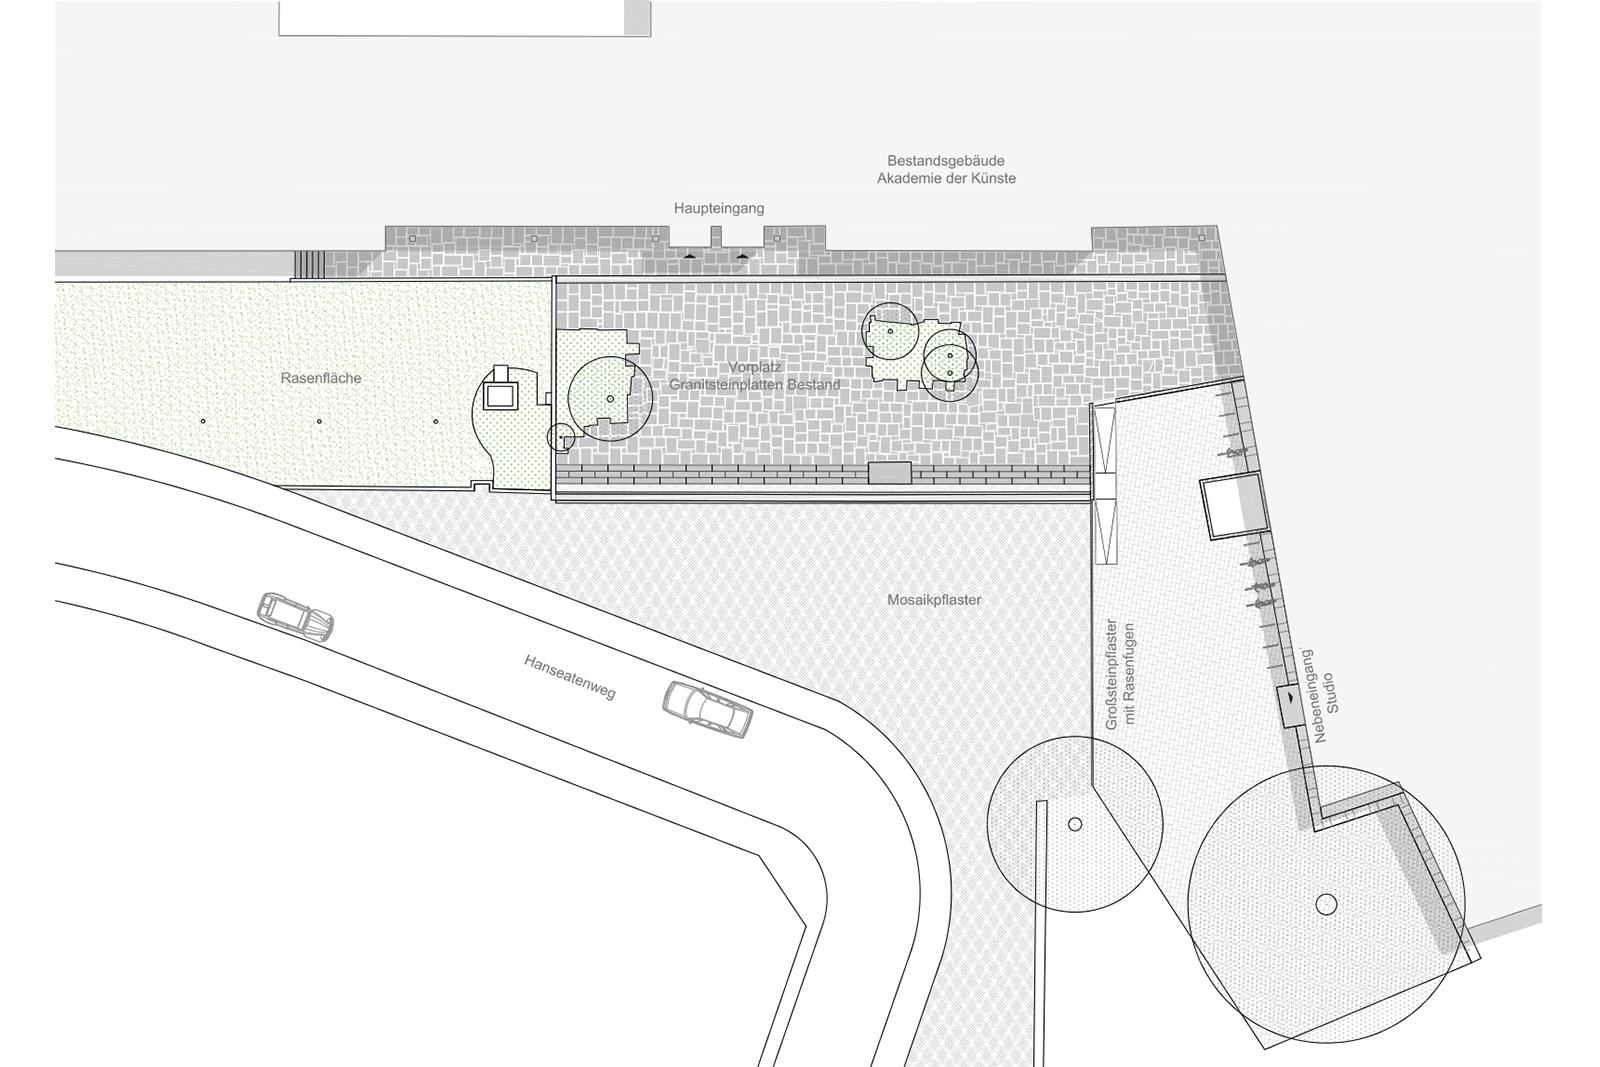 vorplatz-akademie-der -kuenste-berlin-hanseatenweg-eingang-aussenanlagen-armbruster-gruenanlage-vorplatz-denkmal-landschaftsarchitektur-Lageplan